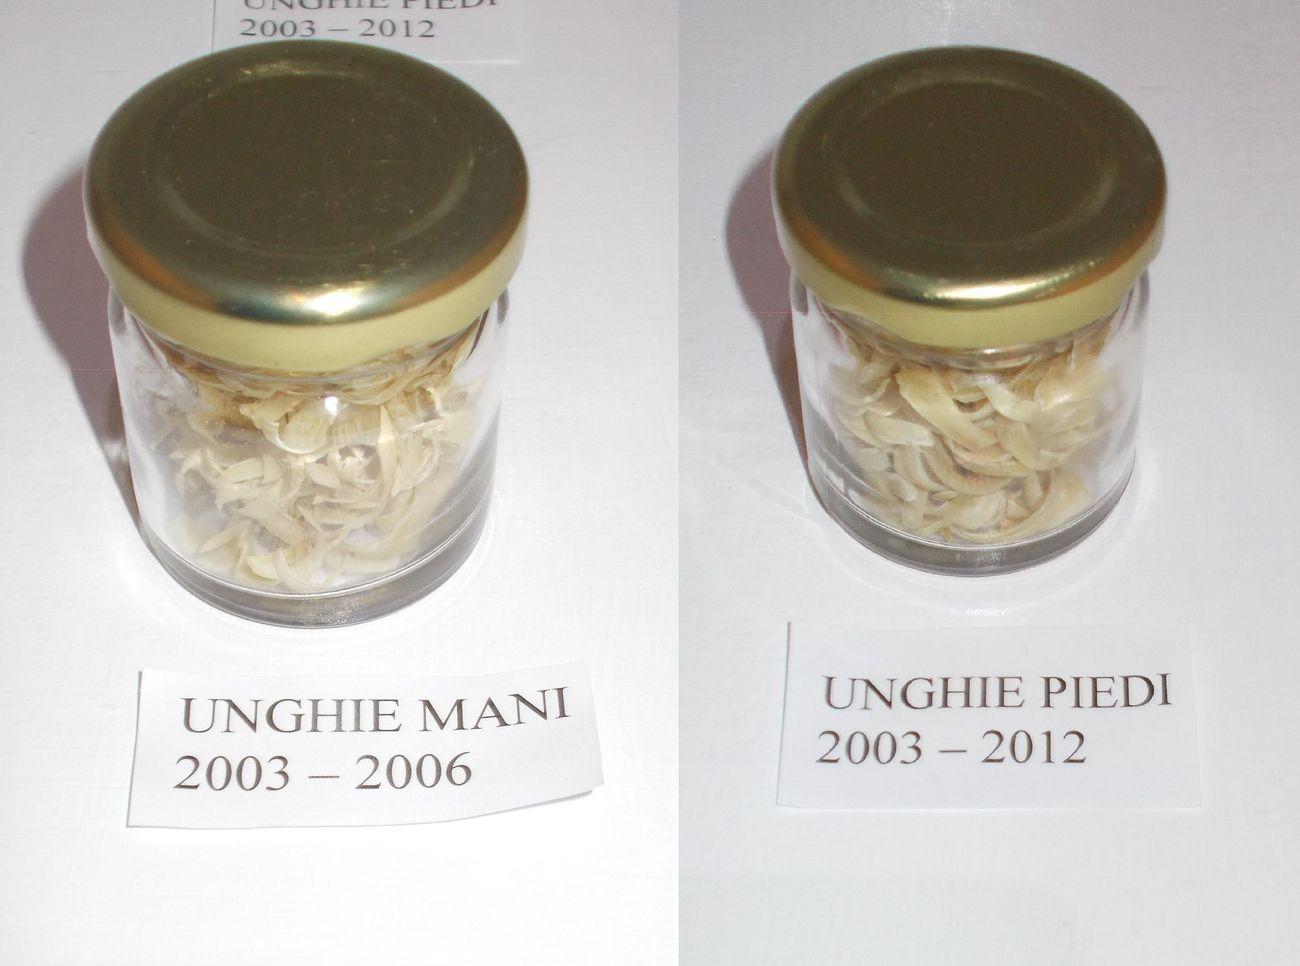 Pino Boresta, Unghie, 2003-06 e 2003-12